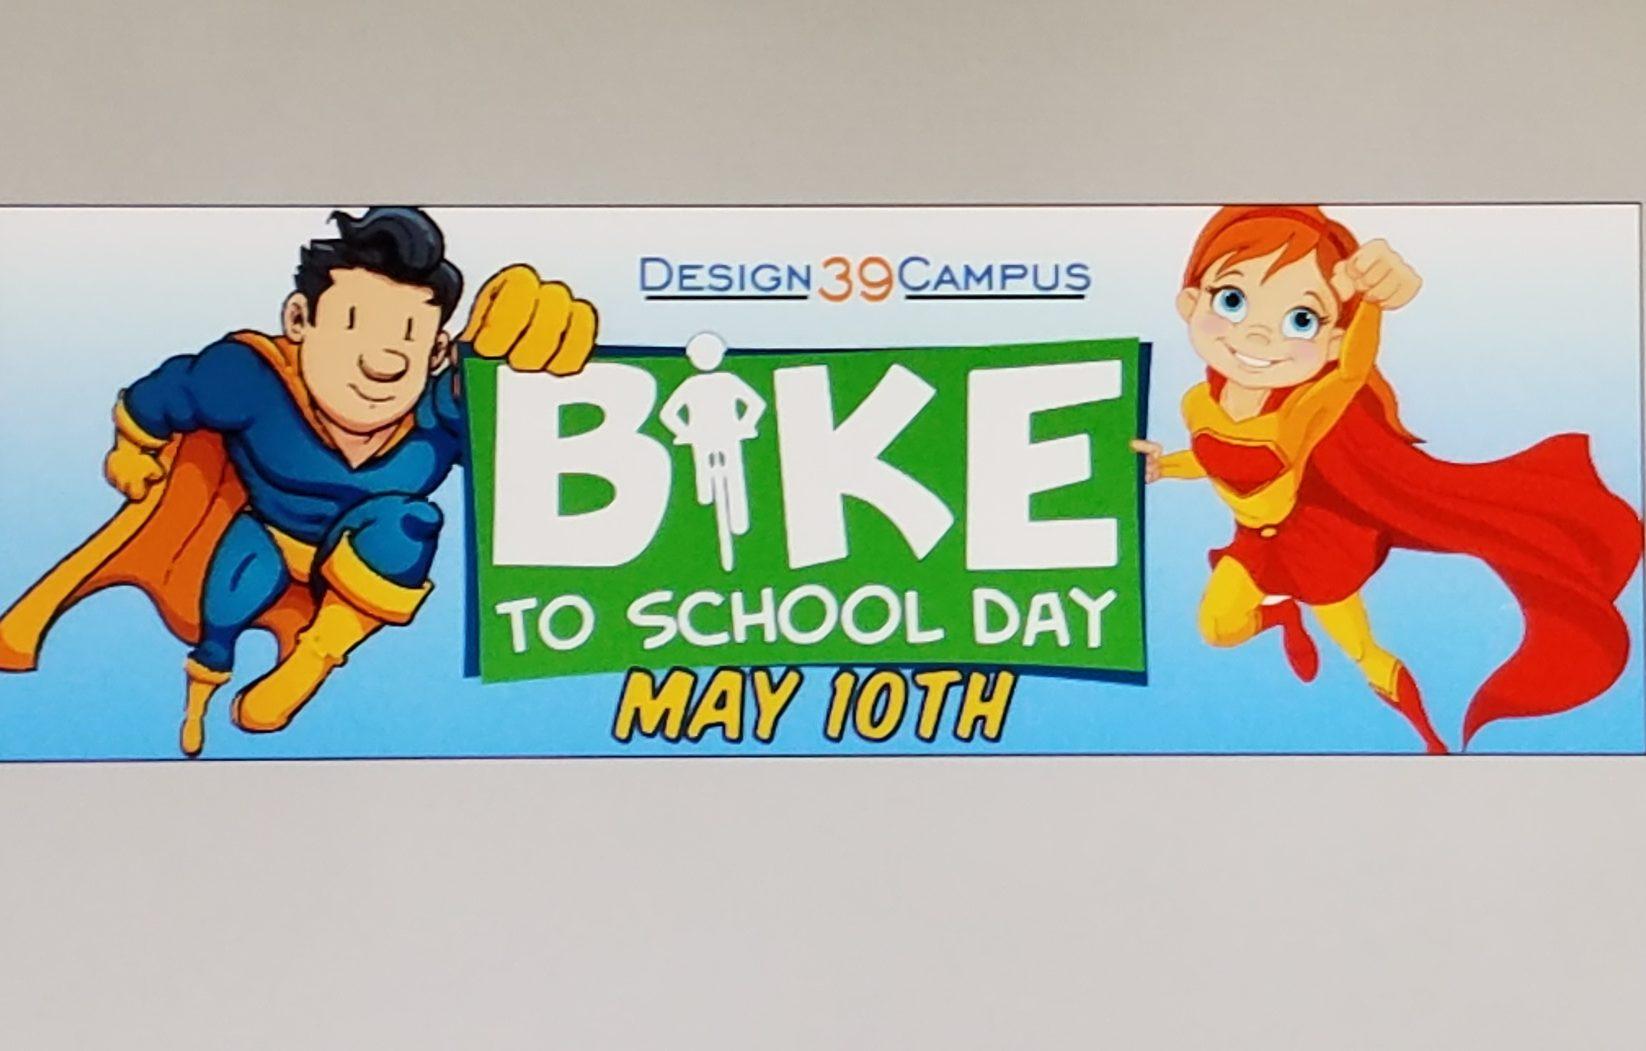 Design 39 Campus